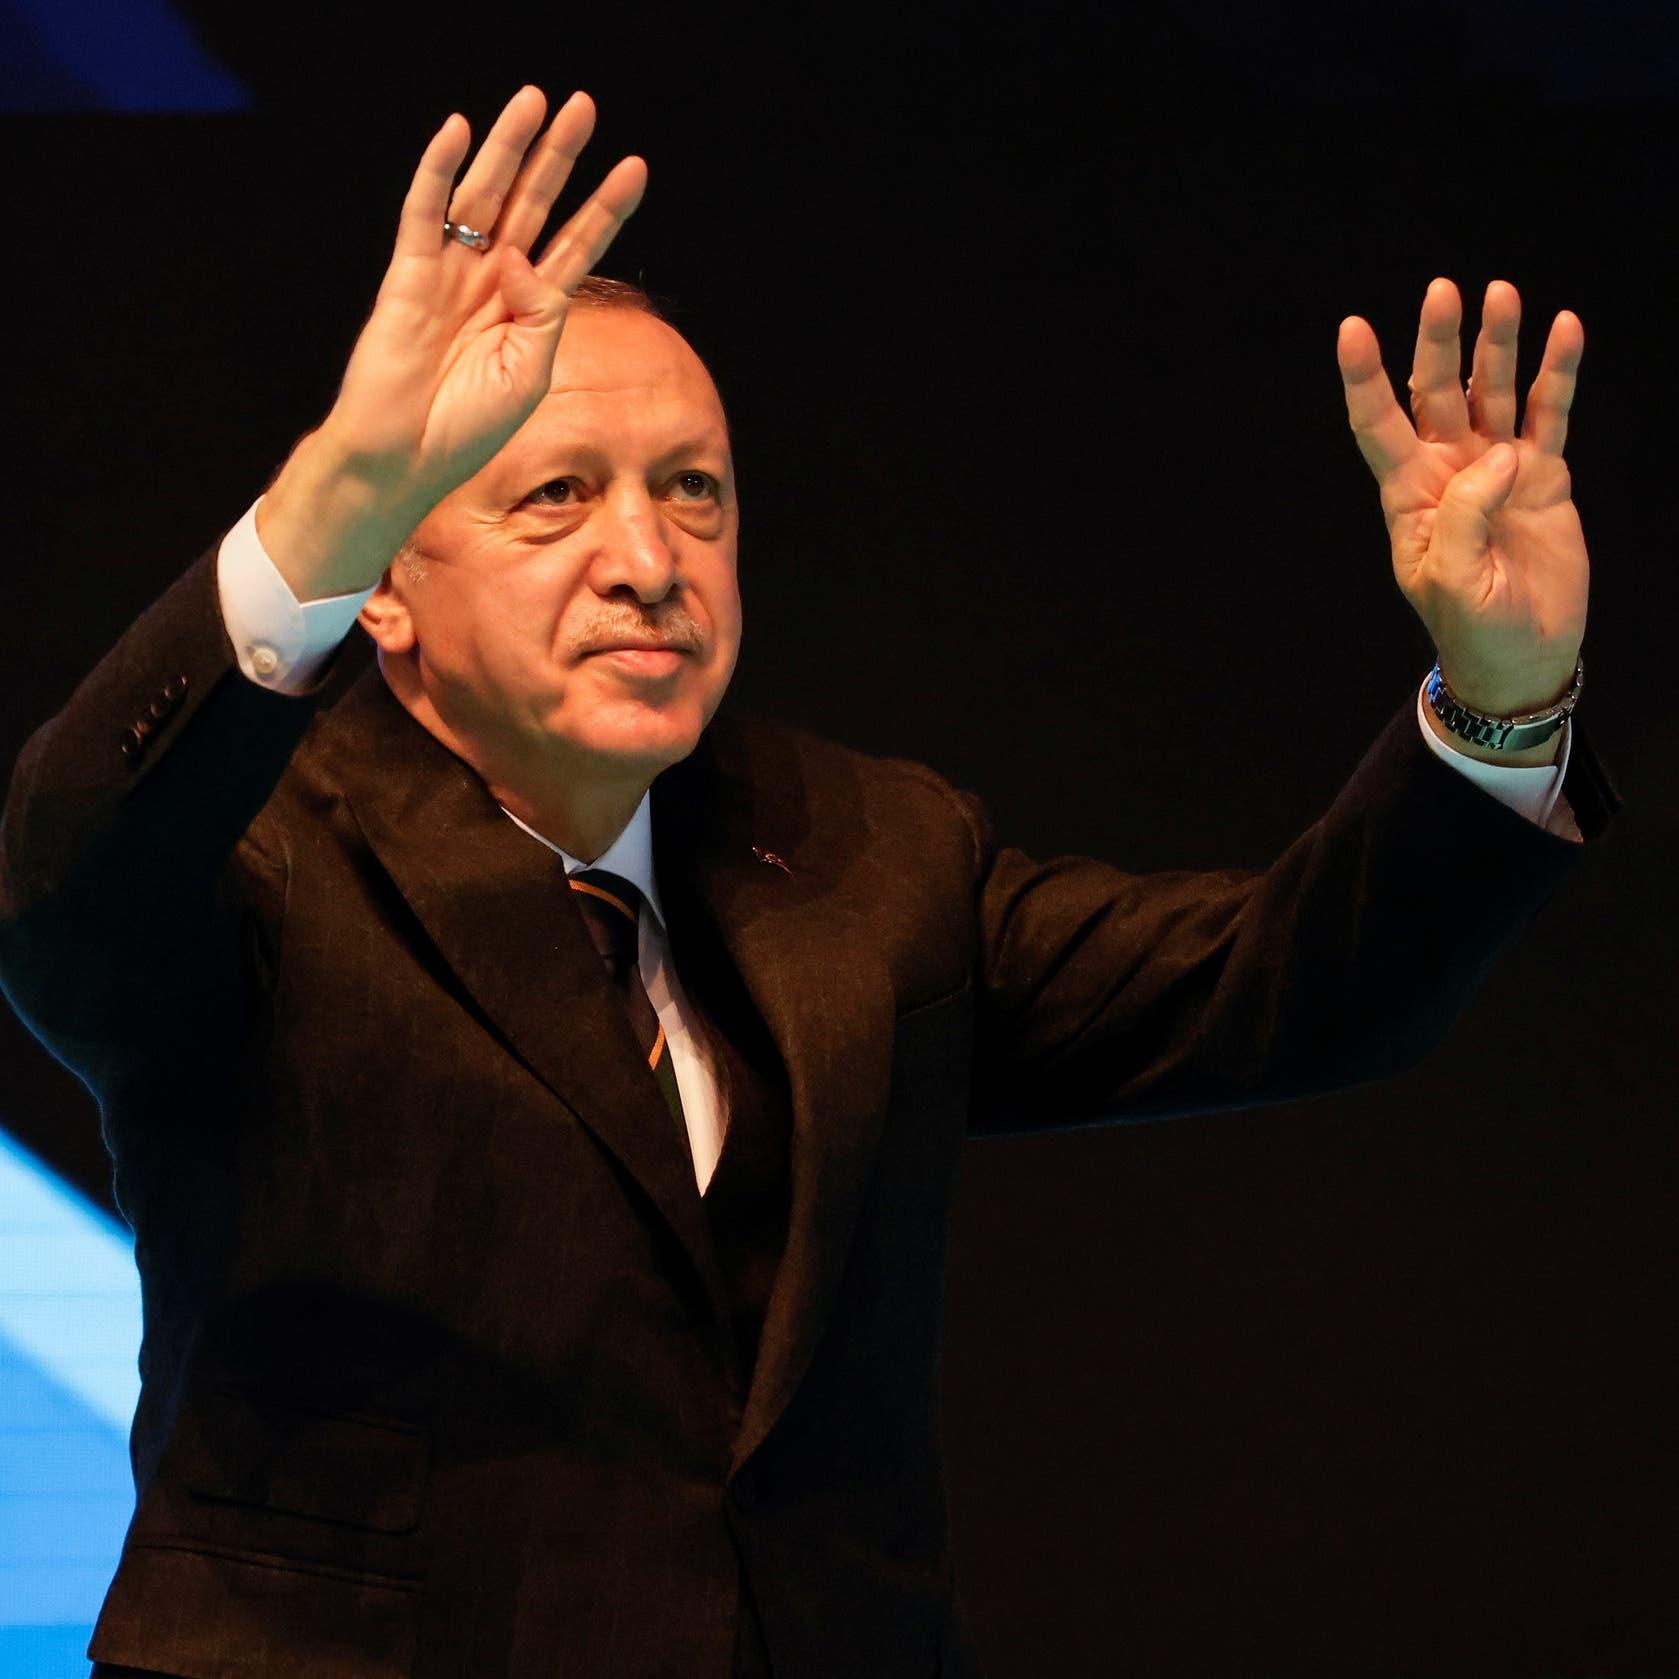 أردوغان يقلب قاعدته بمسقط رأسه.. يد ثقيلة لقمع احتجاجات